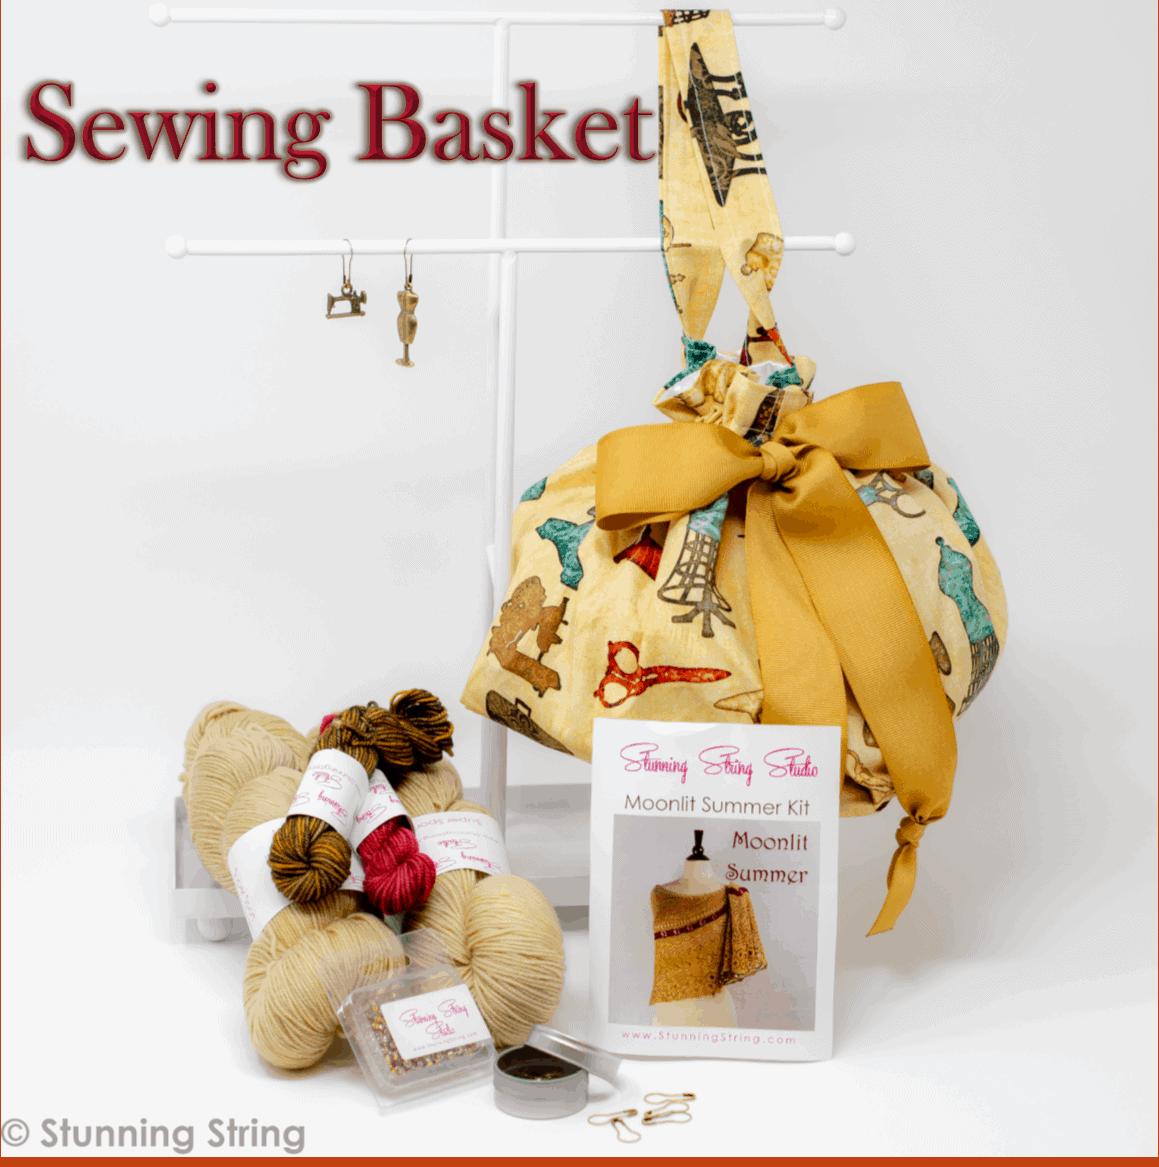 Sewing Basket Small Batch Kit